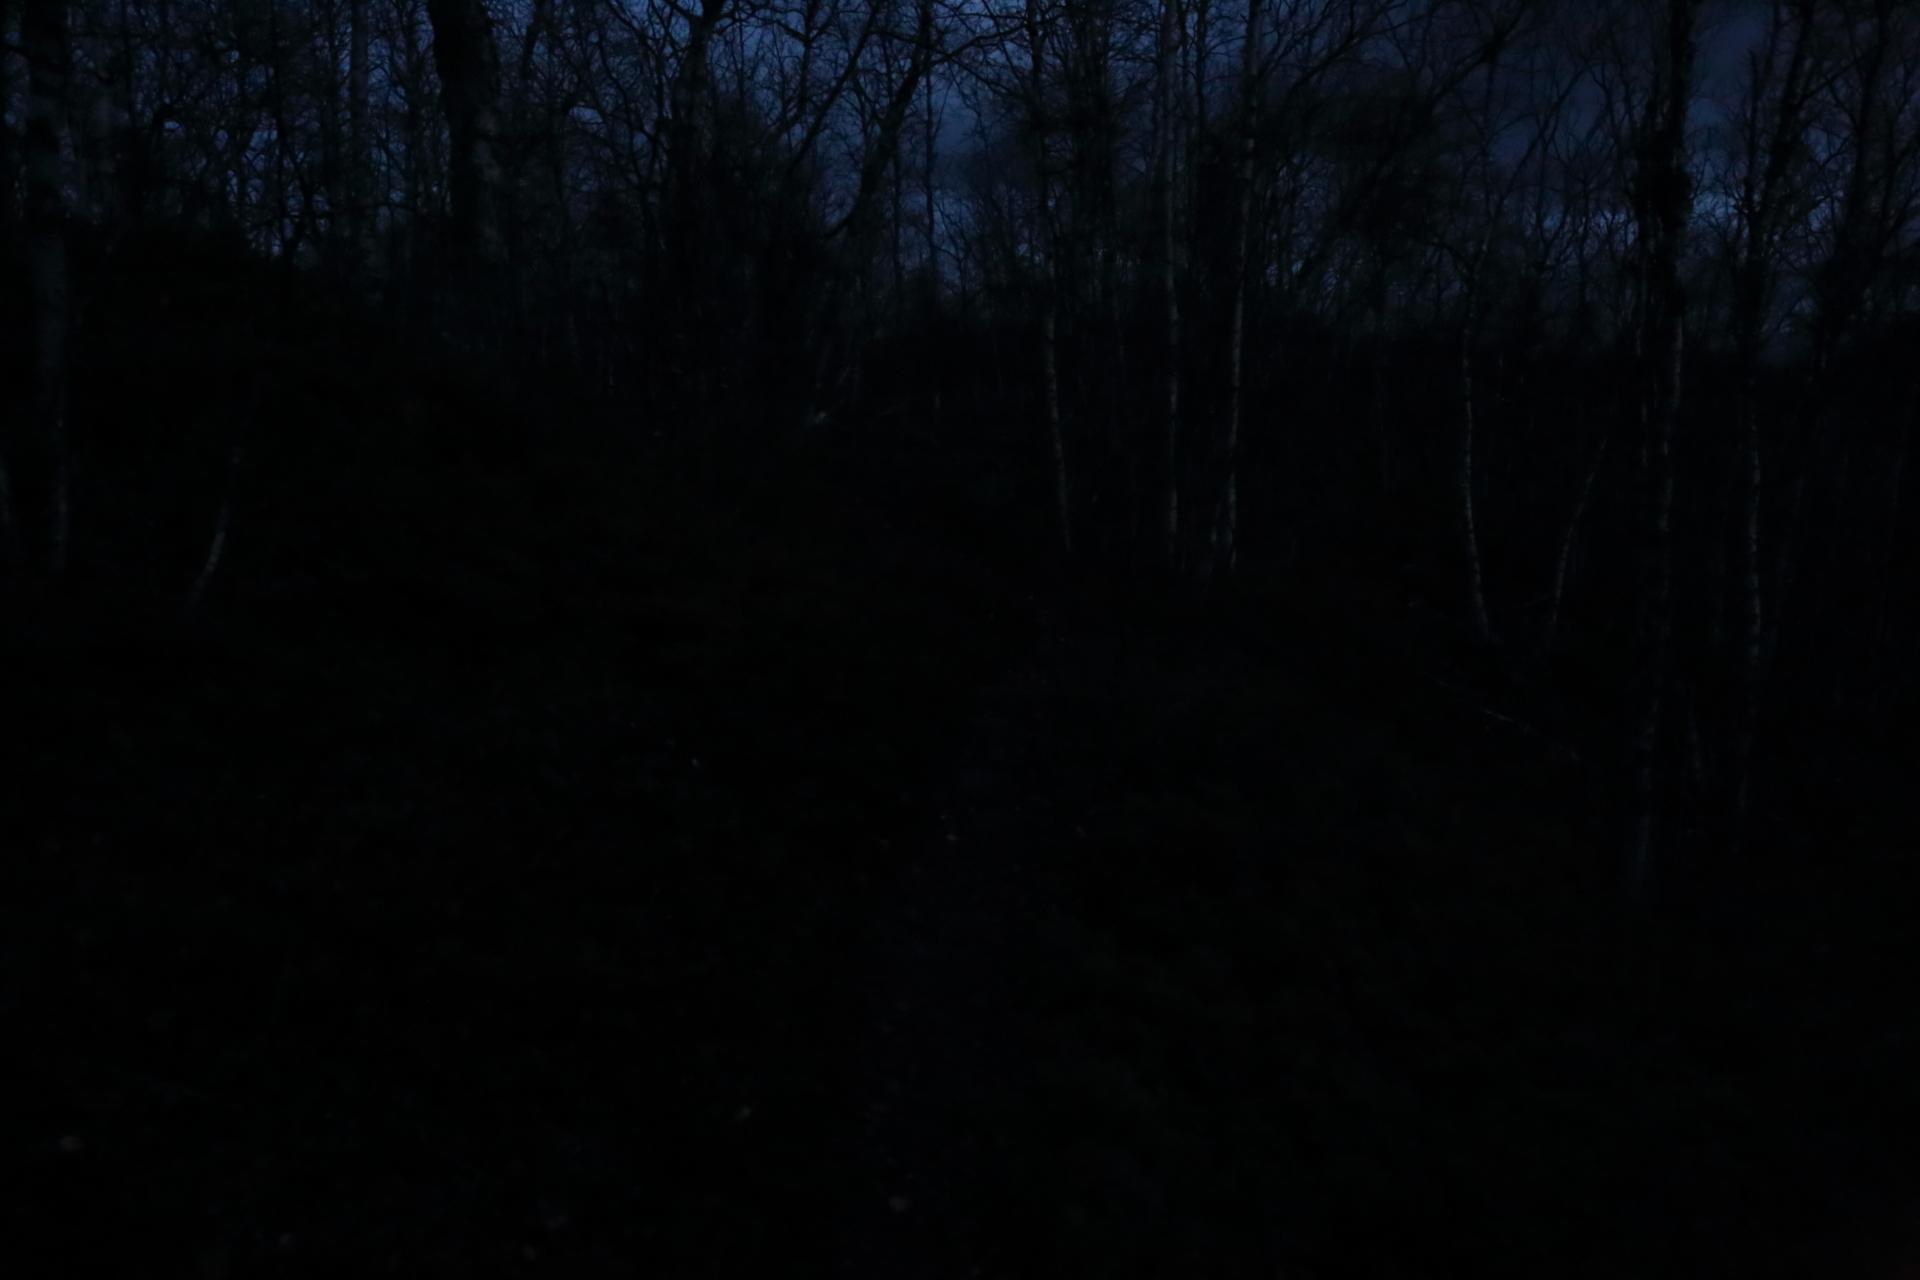 Ute ur skogen i grevens tid